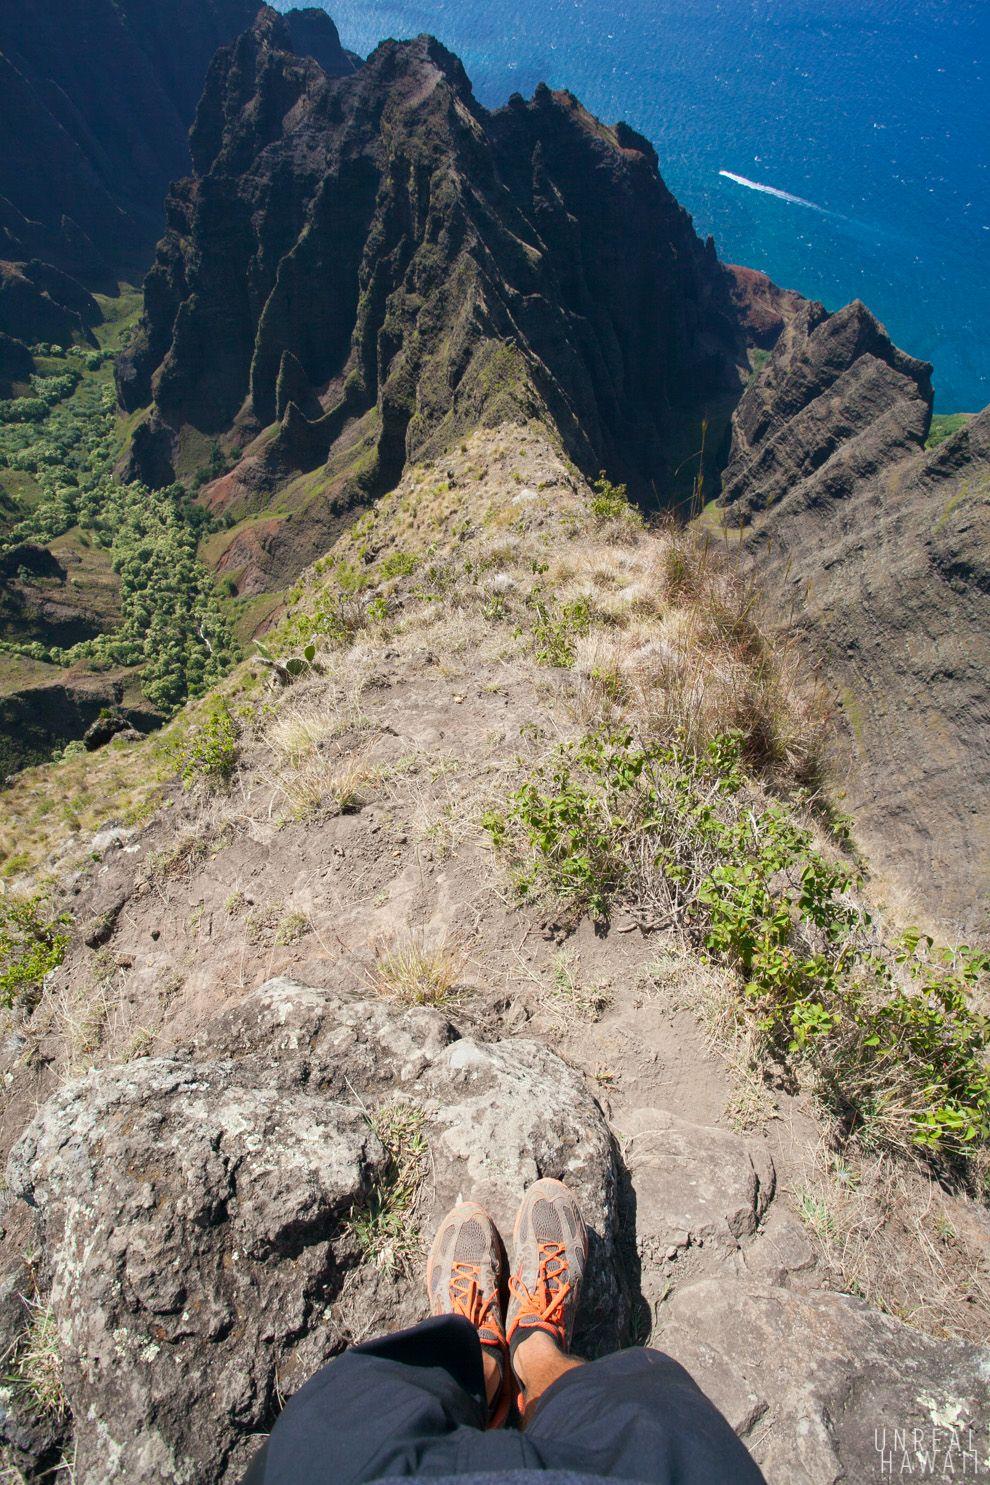 Hiking In Hawaii On The Awa'awapuhi Trail